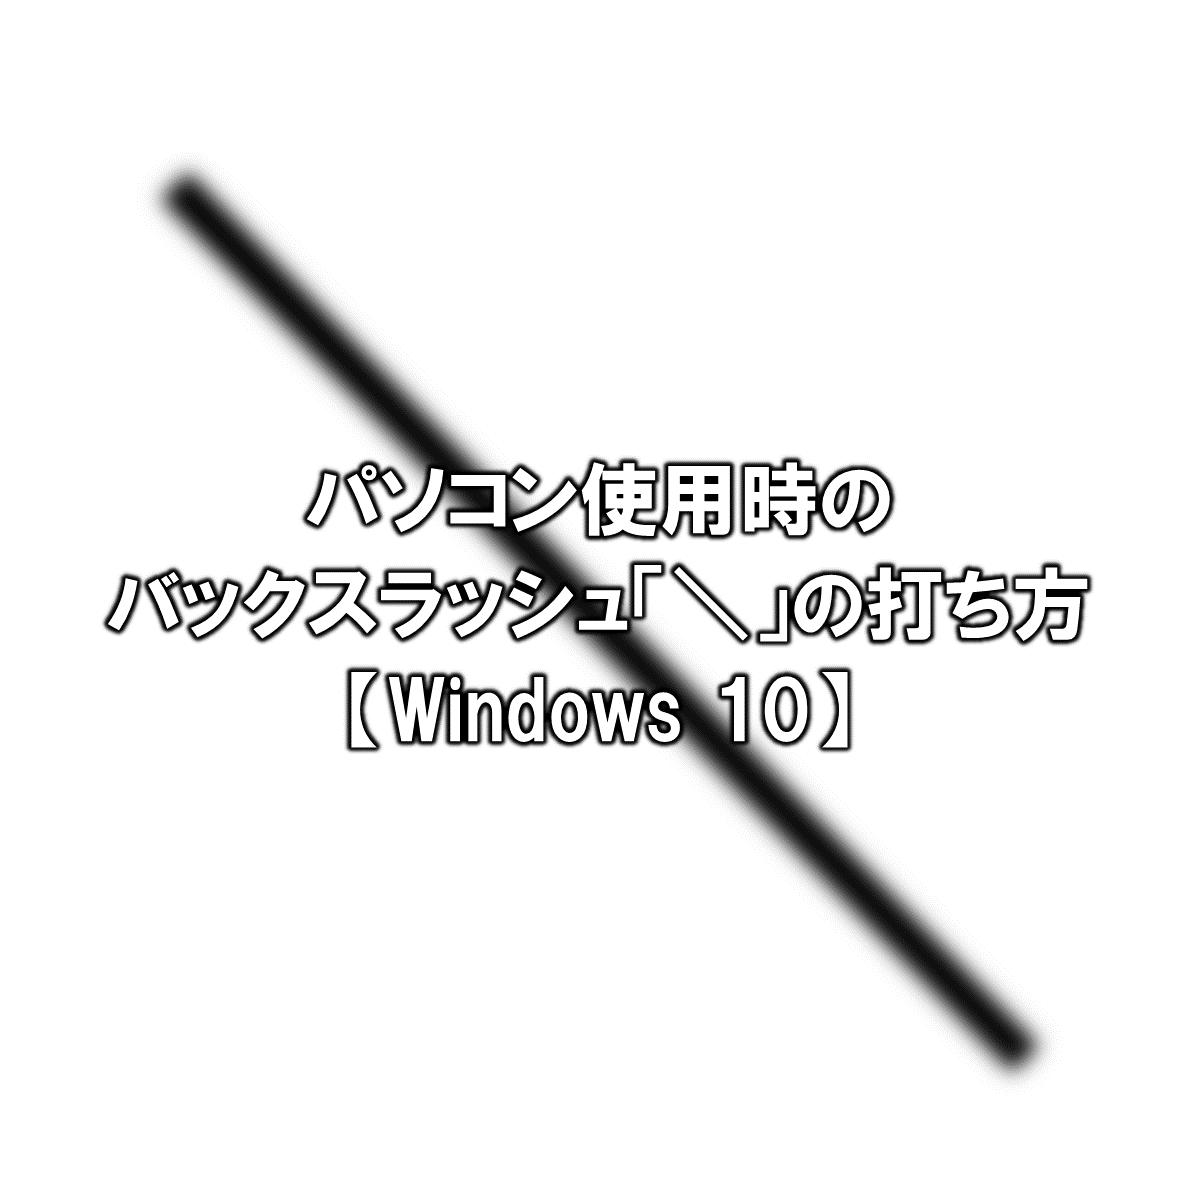 パソコン使用時のバックスラッシュ「/」の打ち方【Windows 10】